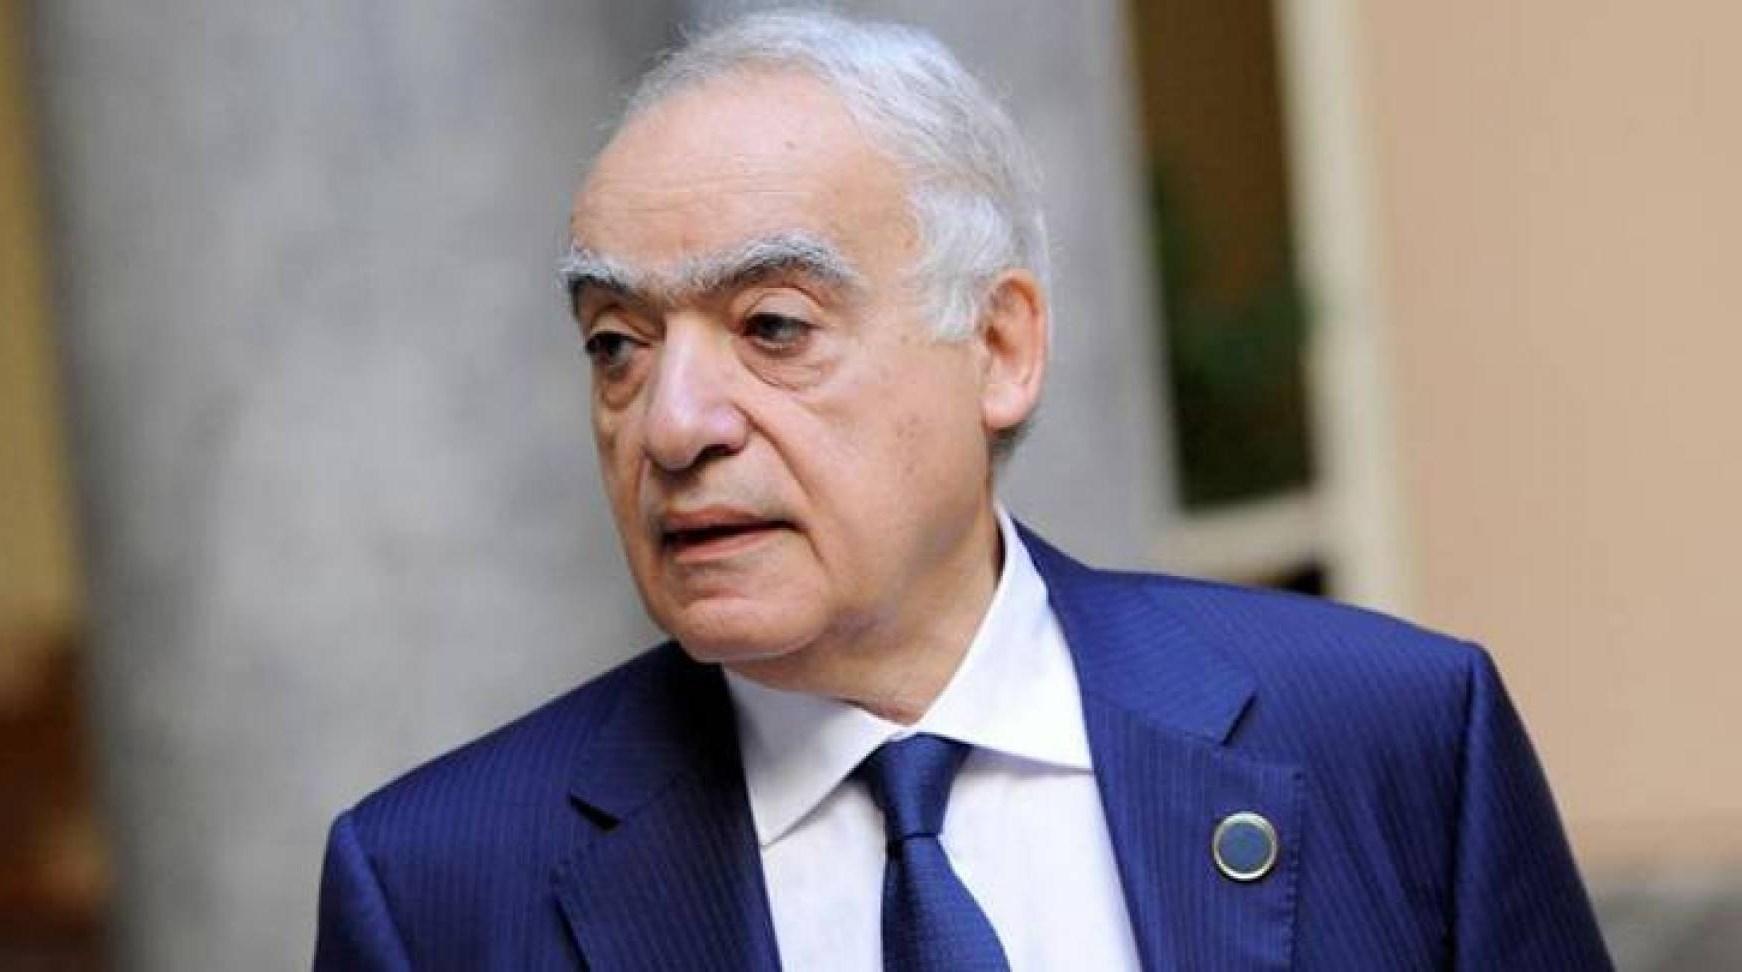 الأمم المتحدة تستأنف مفاوضات غير مباشرة بين طرفي النزاع في ليبيا